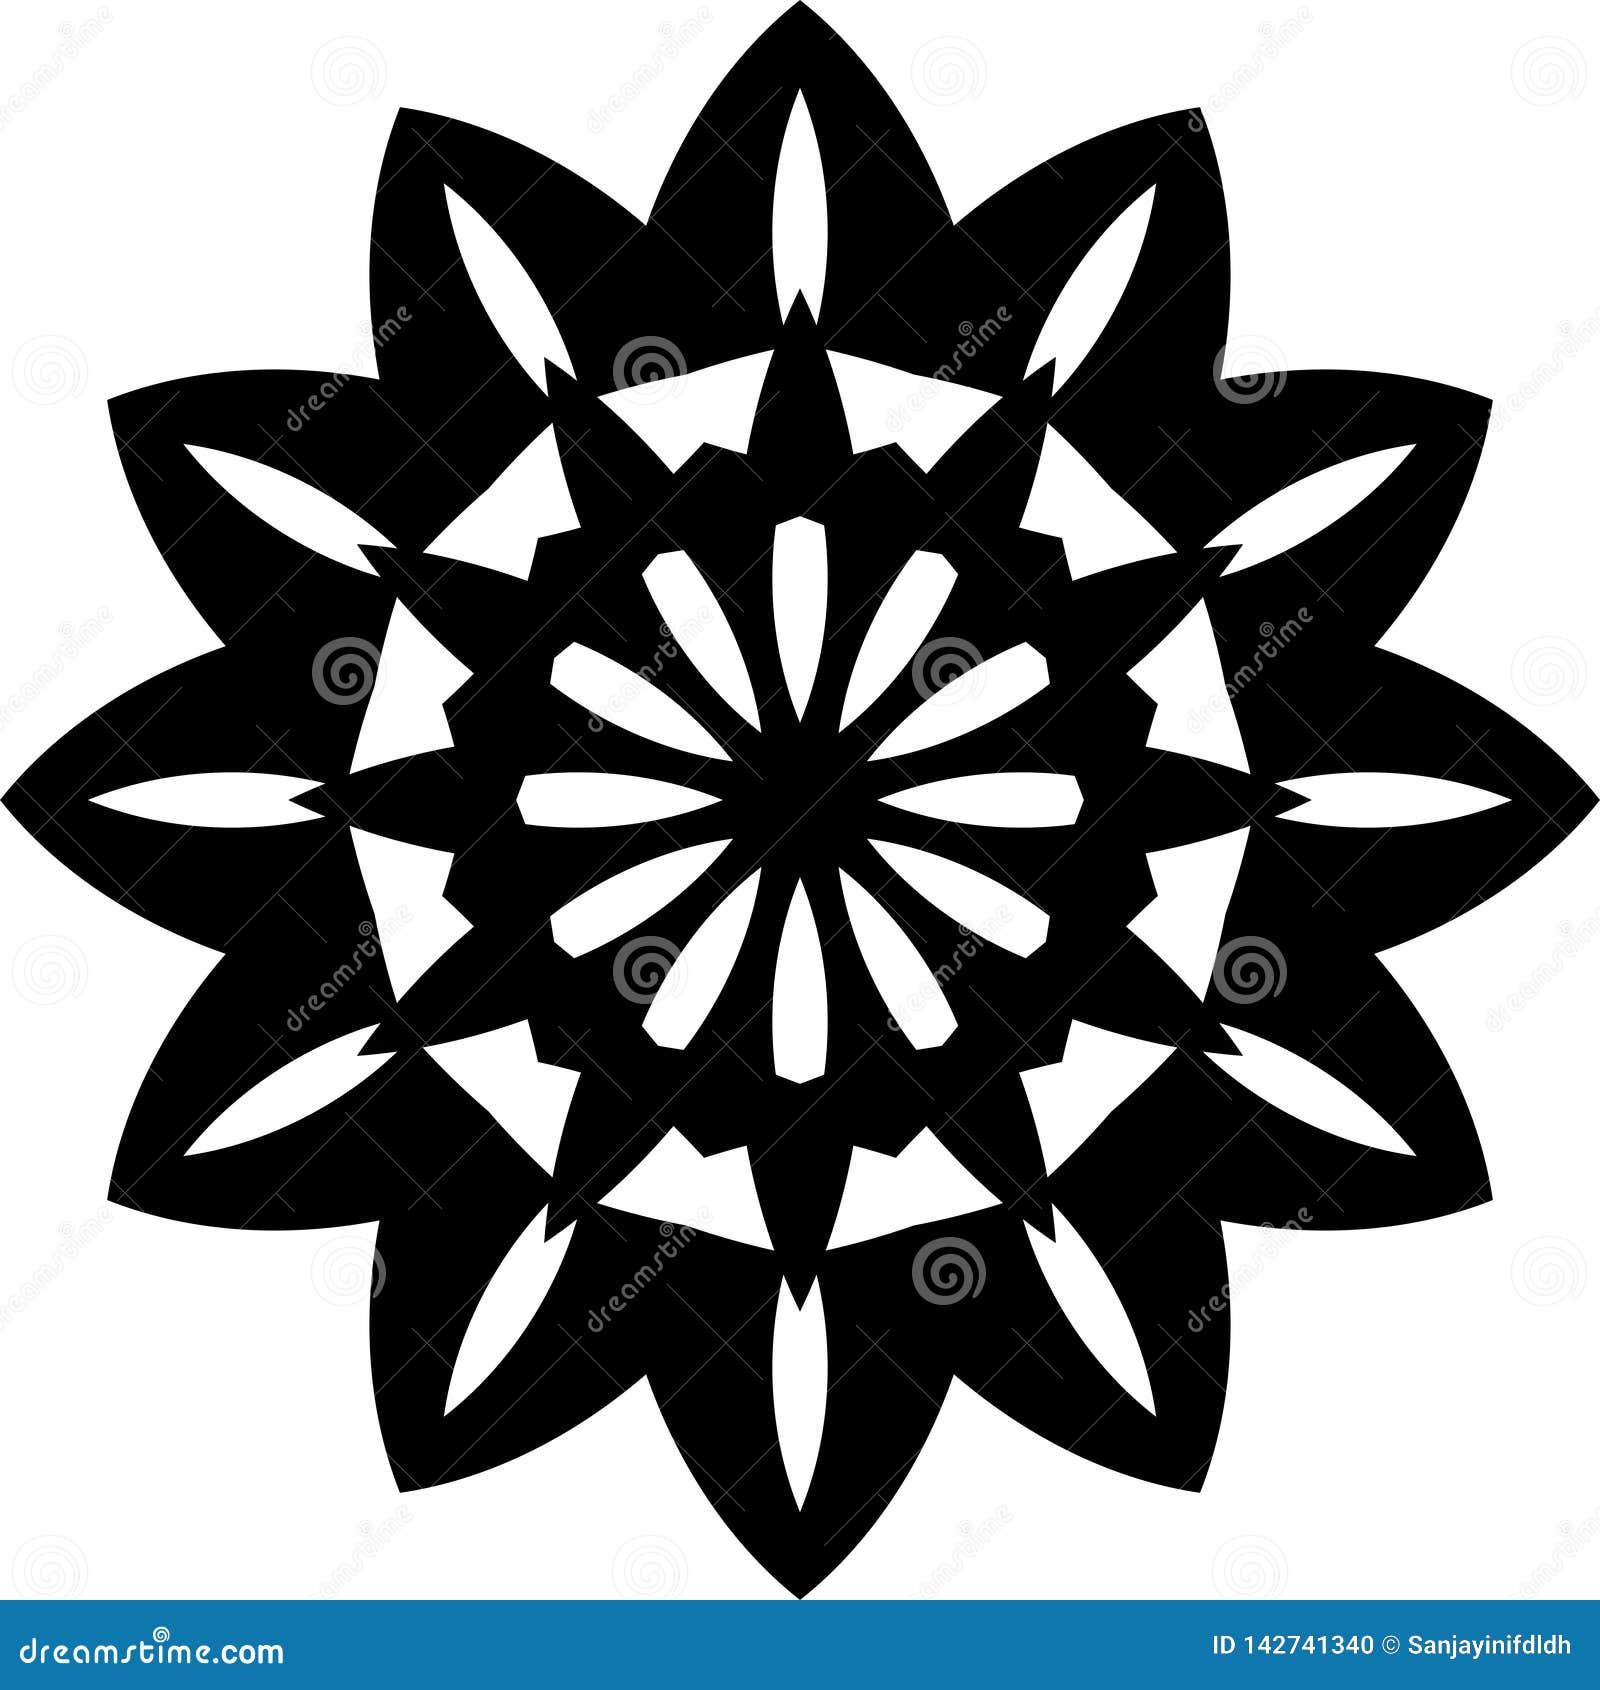 Dise?o o modelo geom?trico de la mandala del girasol blanco y negro del vector